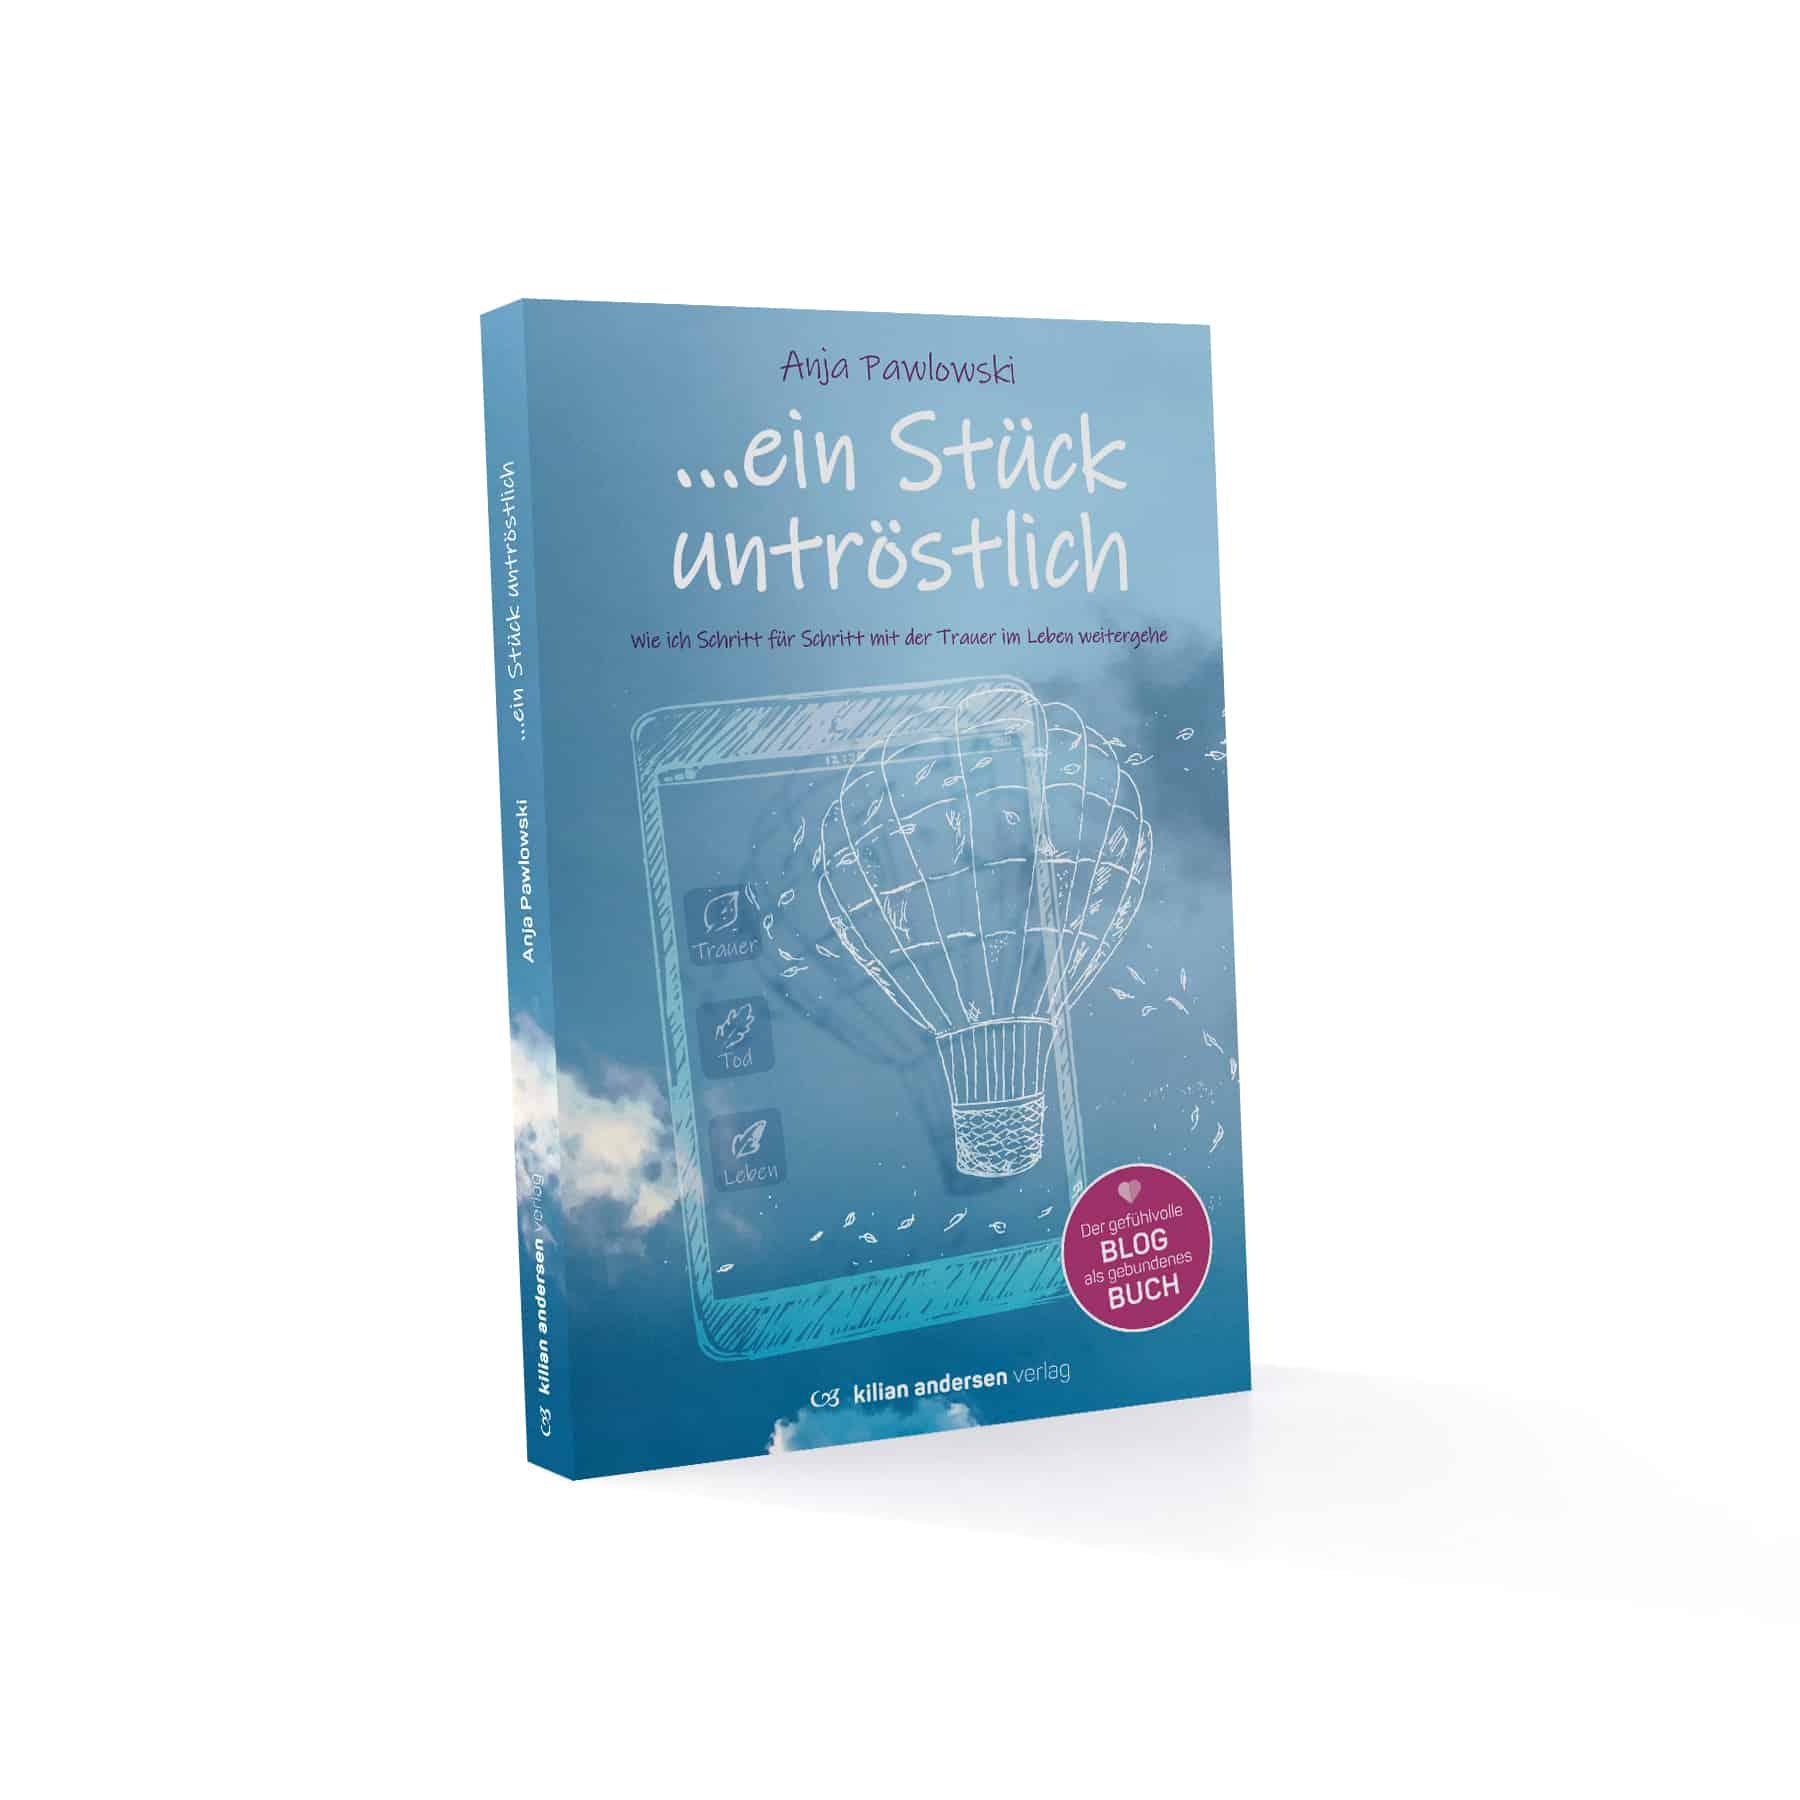 La Deutsche Vita - Drucksachen Softcover Buch